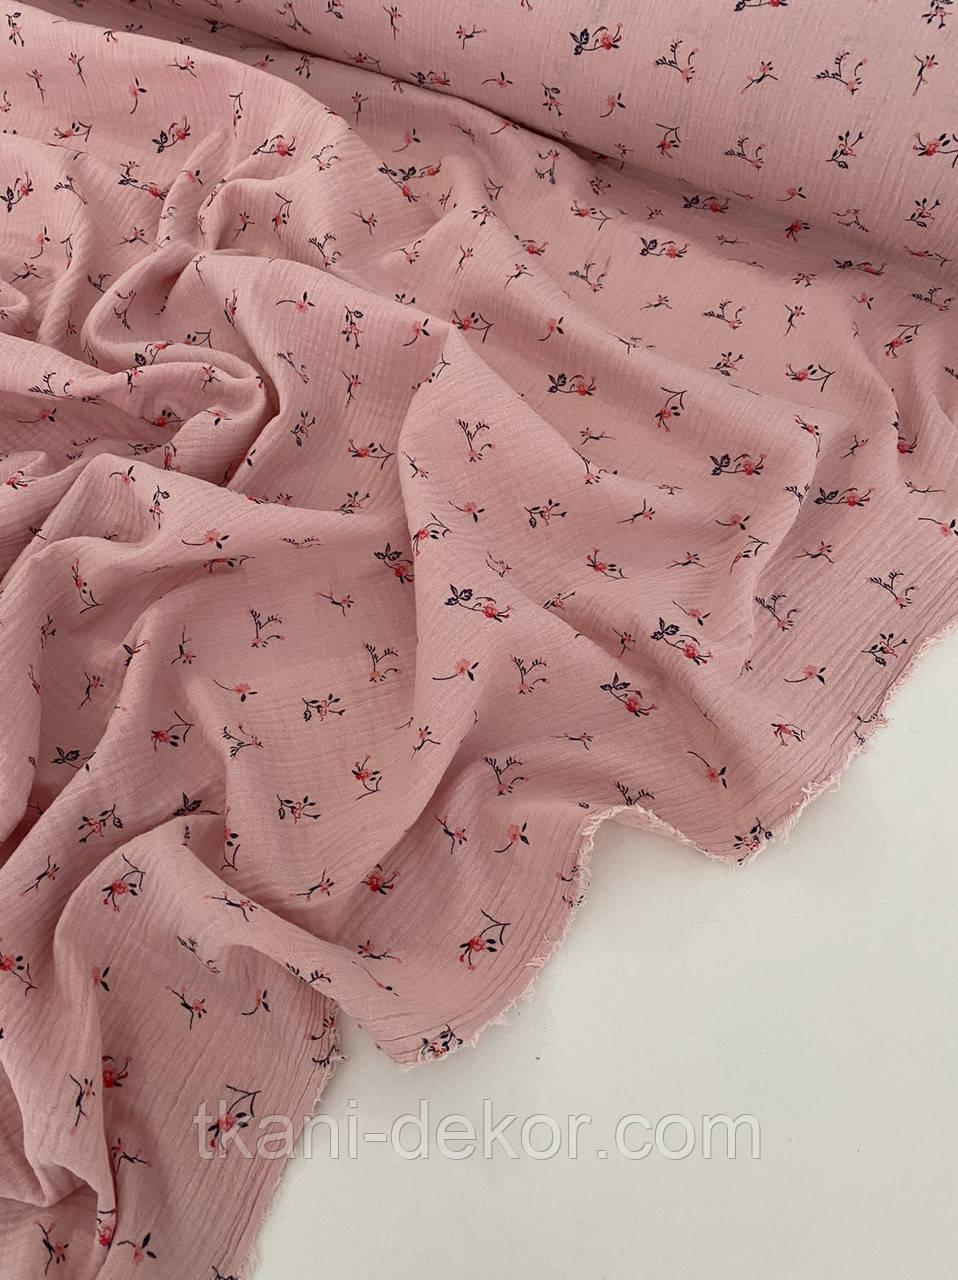 Муслін (бавовняна тканина) ірис на розі